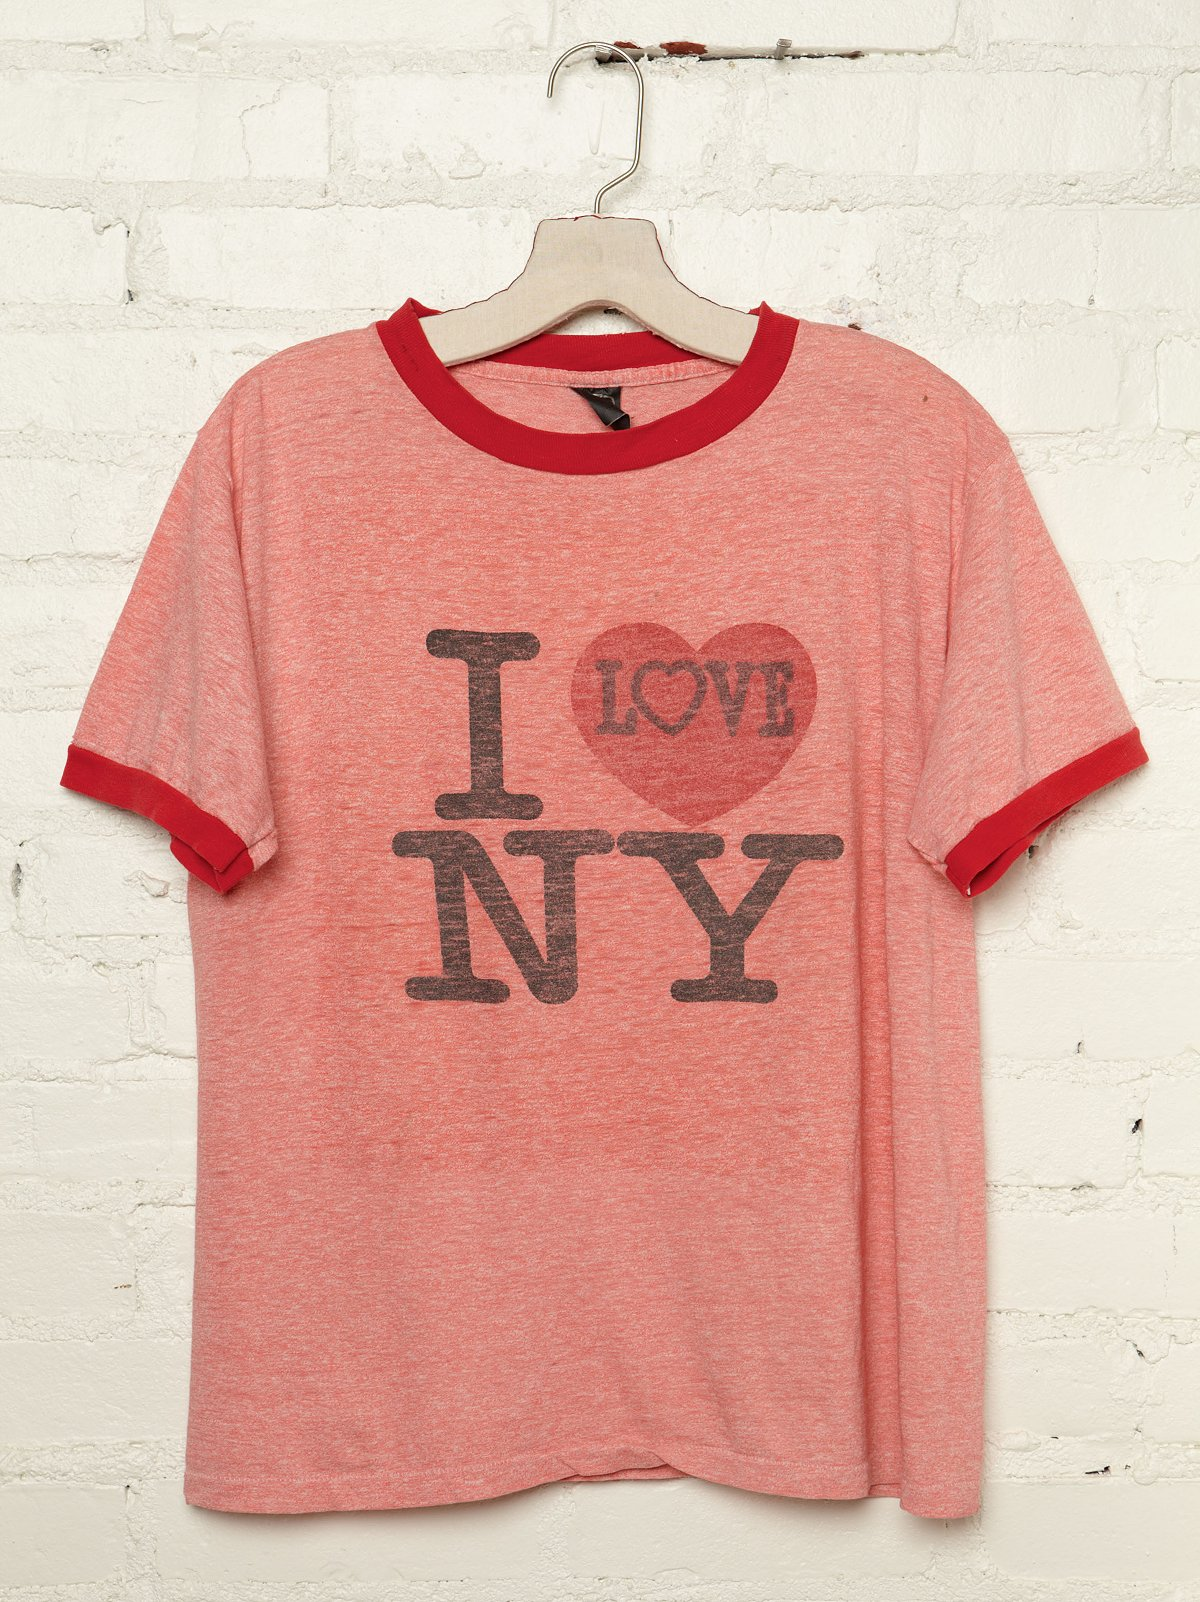 Vintage I Love NY Graphic Tee